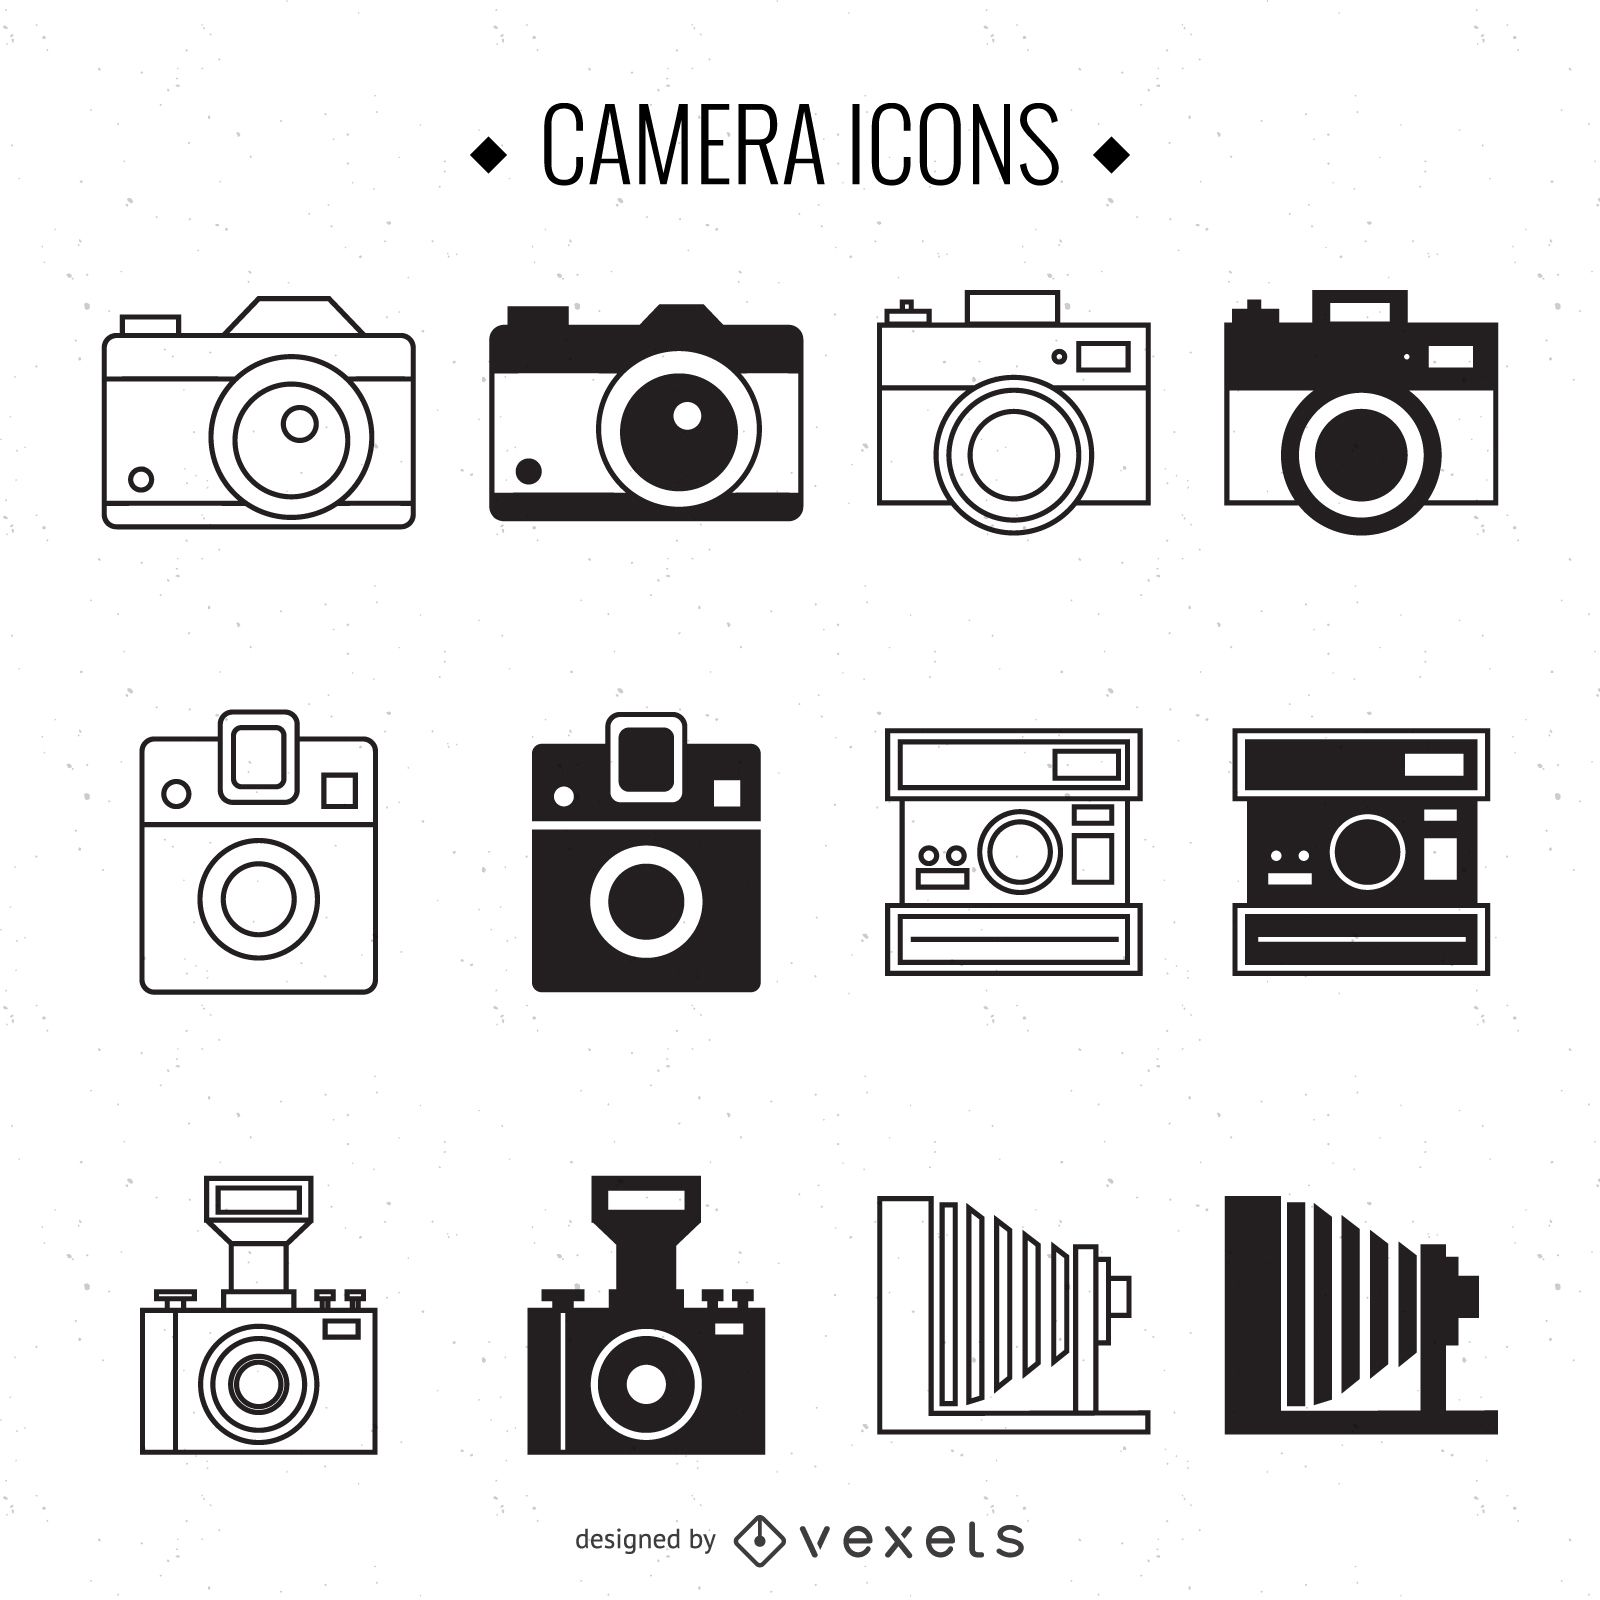 Vintage camera illustration set